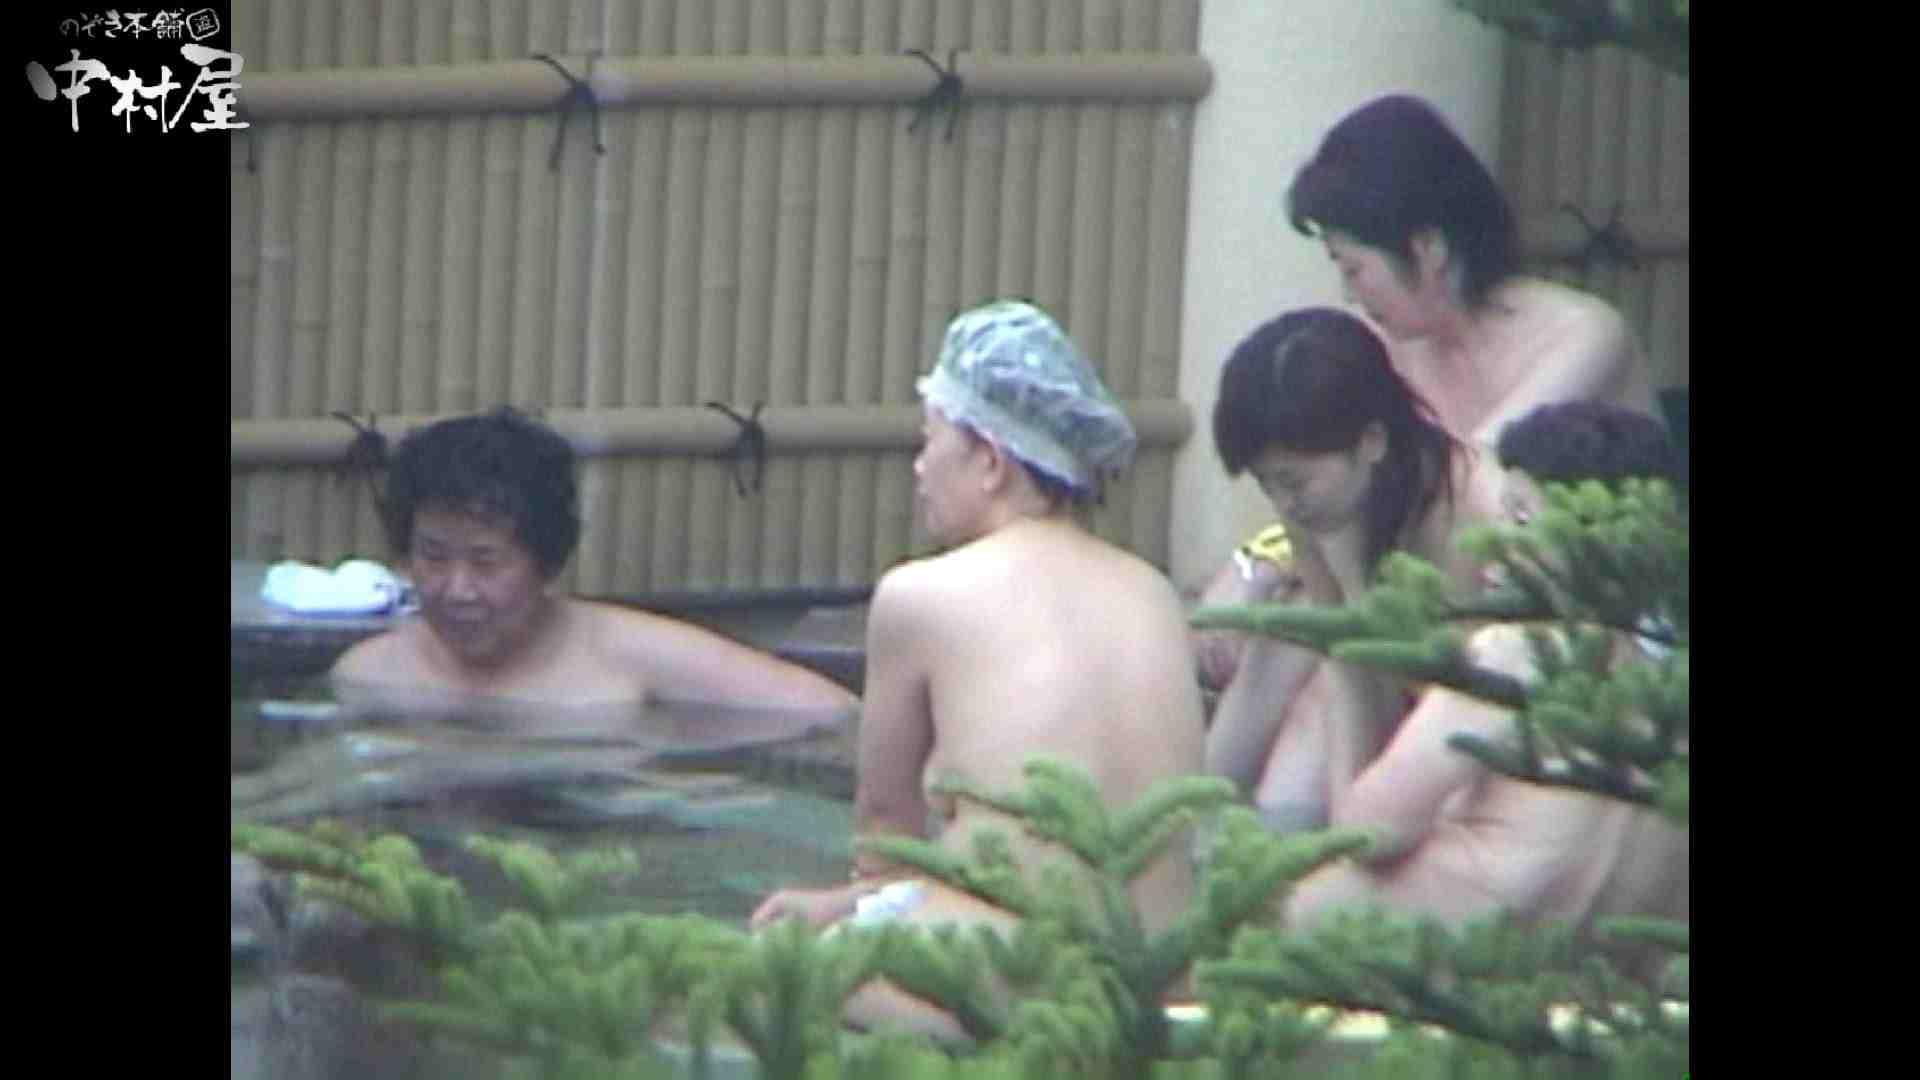 Aquaな露天風呂Vol.962 OLのエロ生活  35連発 3